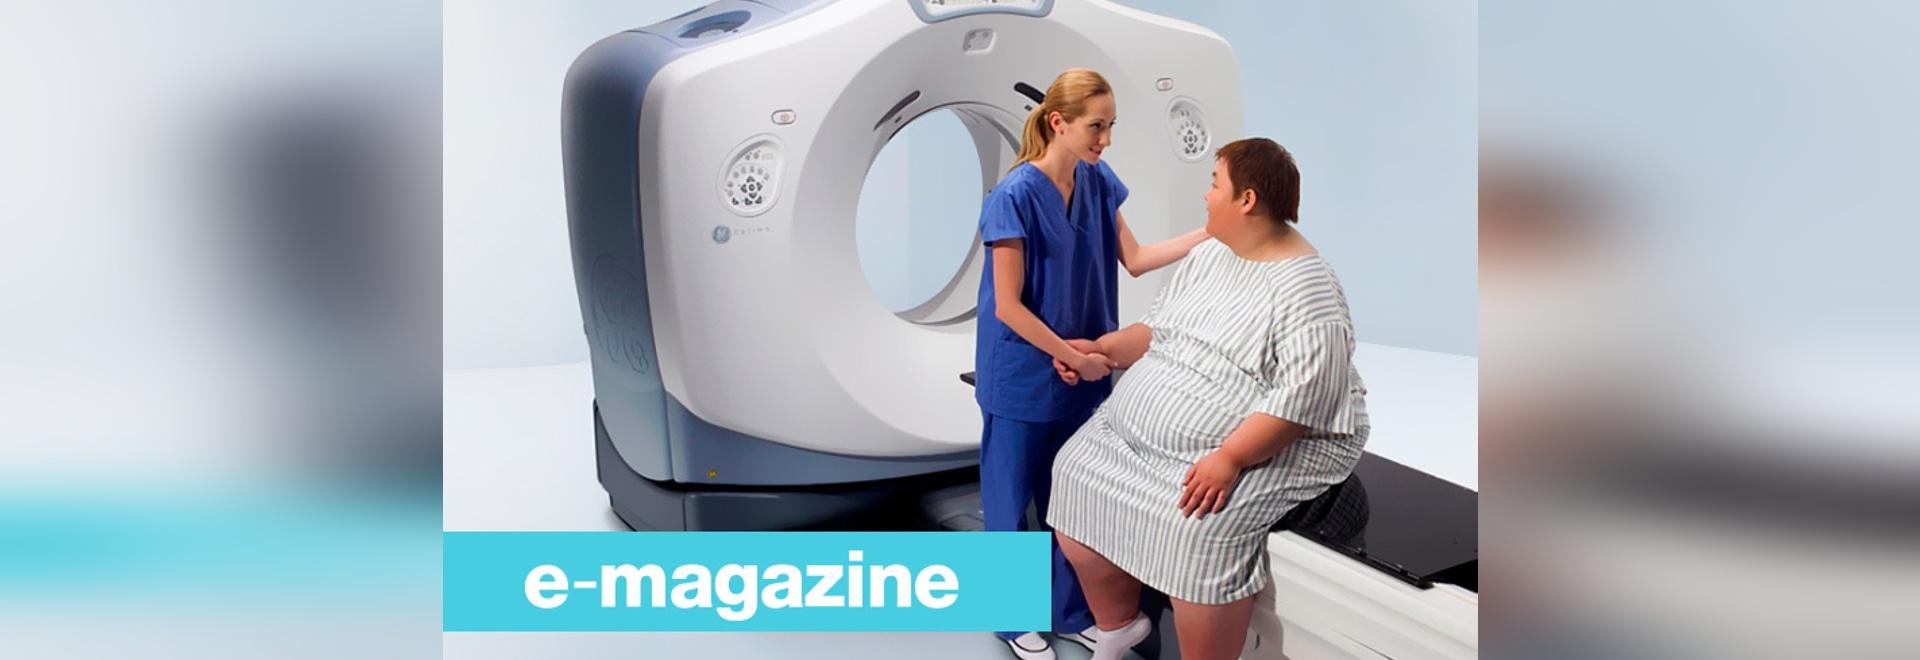 Hospitales extragrandes su equipo para hacer frente a la obesidad Rate Rise